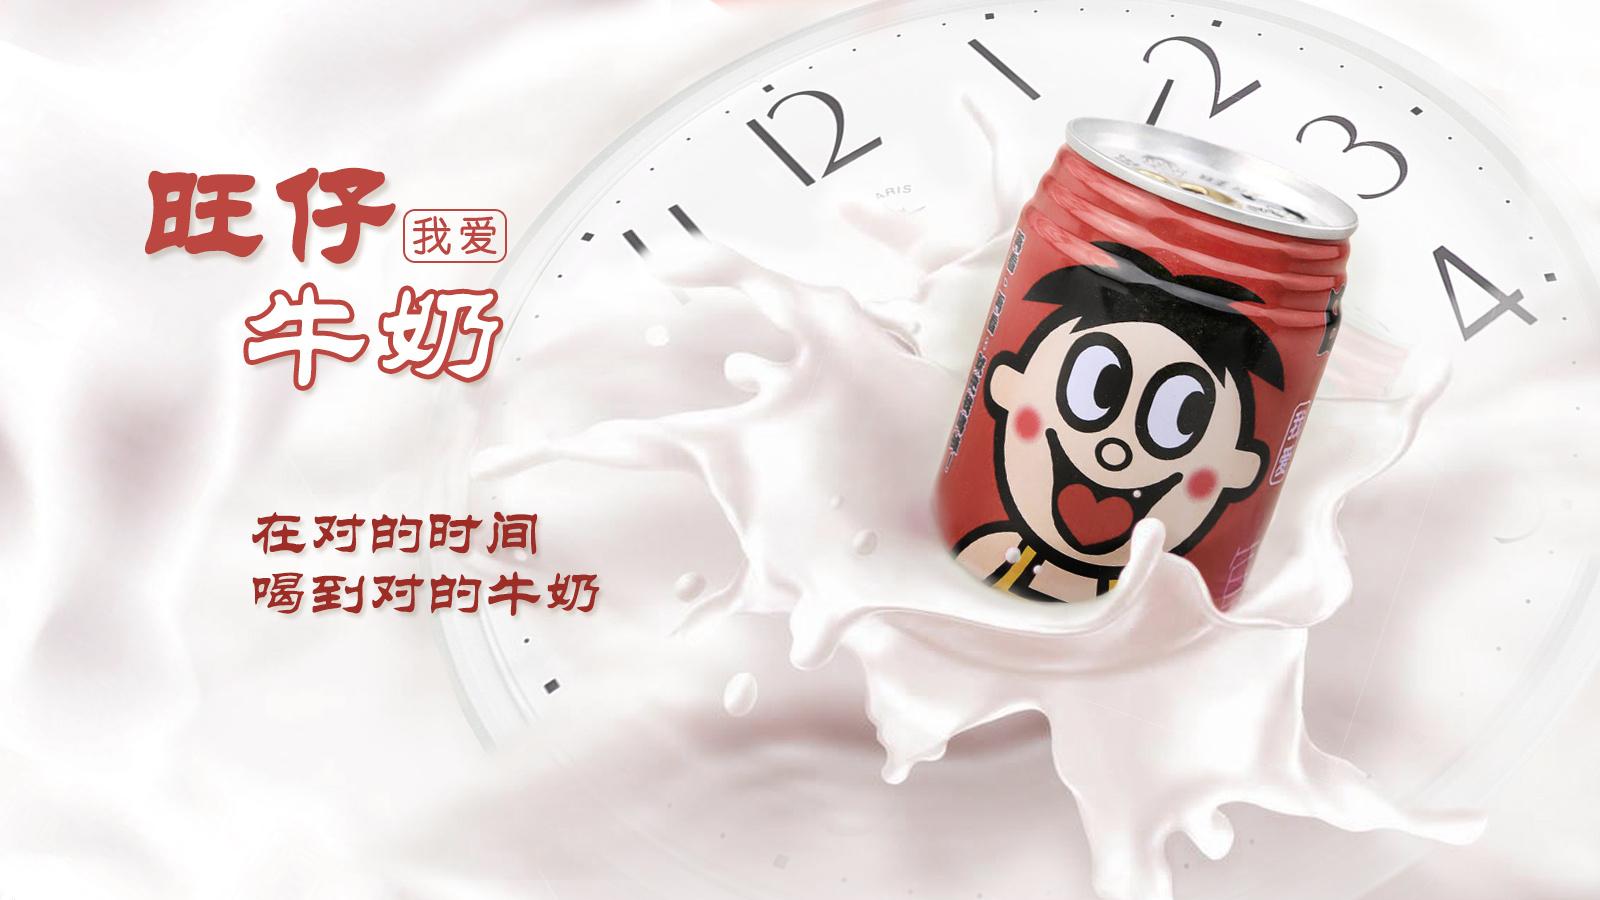 旺仔牛奶伴你行 平面 海报 silverjune - 原创作品 - 站酷 (zcool)